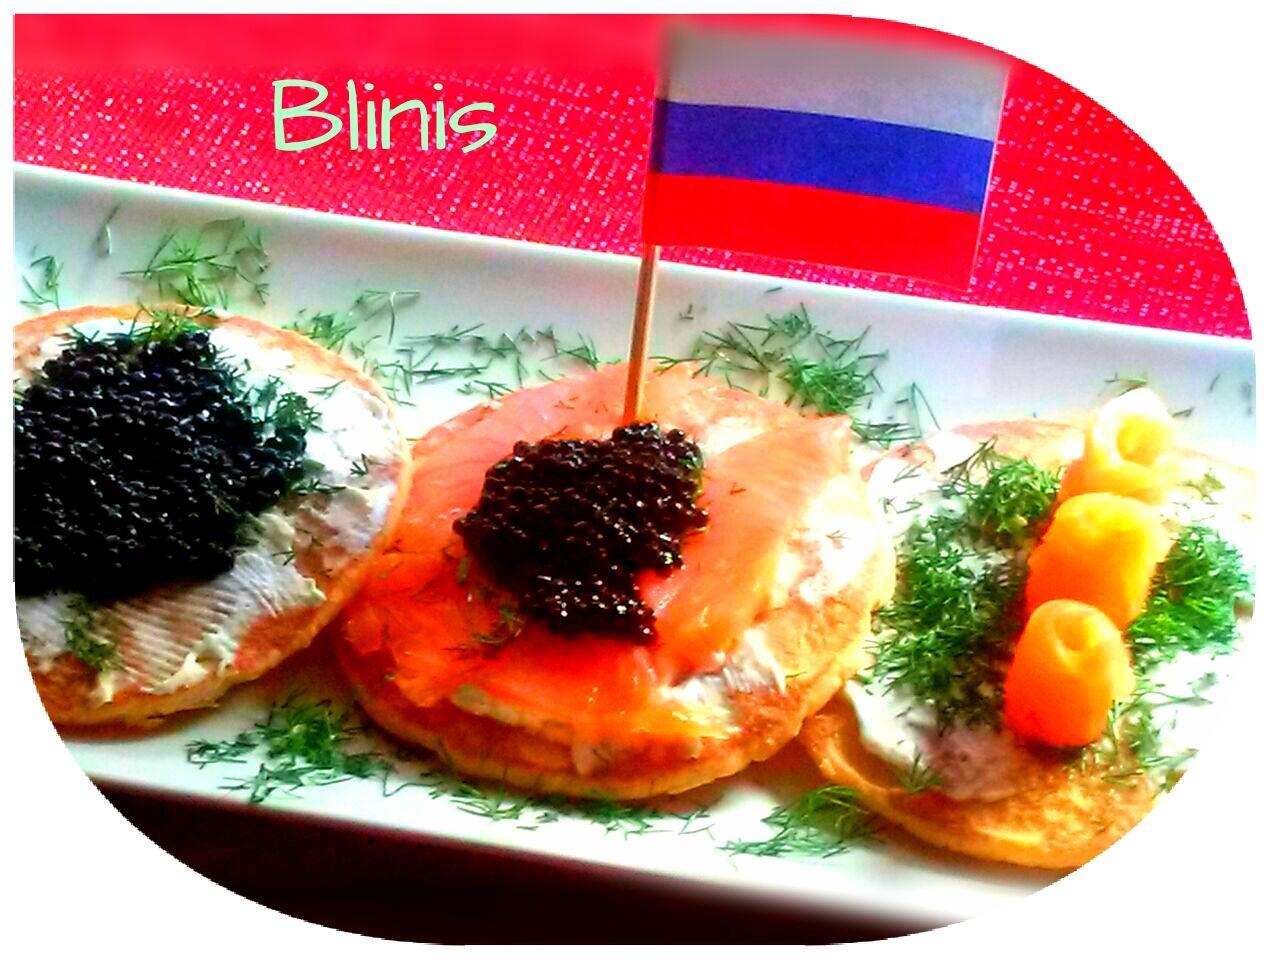 Blinis con Salmón, Rusia. (Cena de Navidad Worldwide)